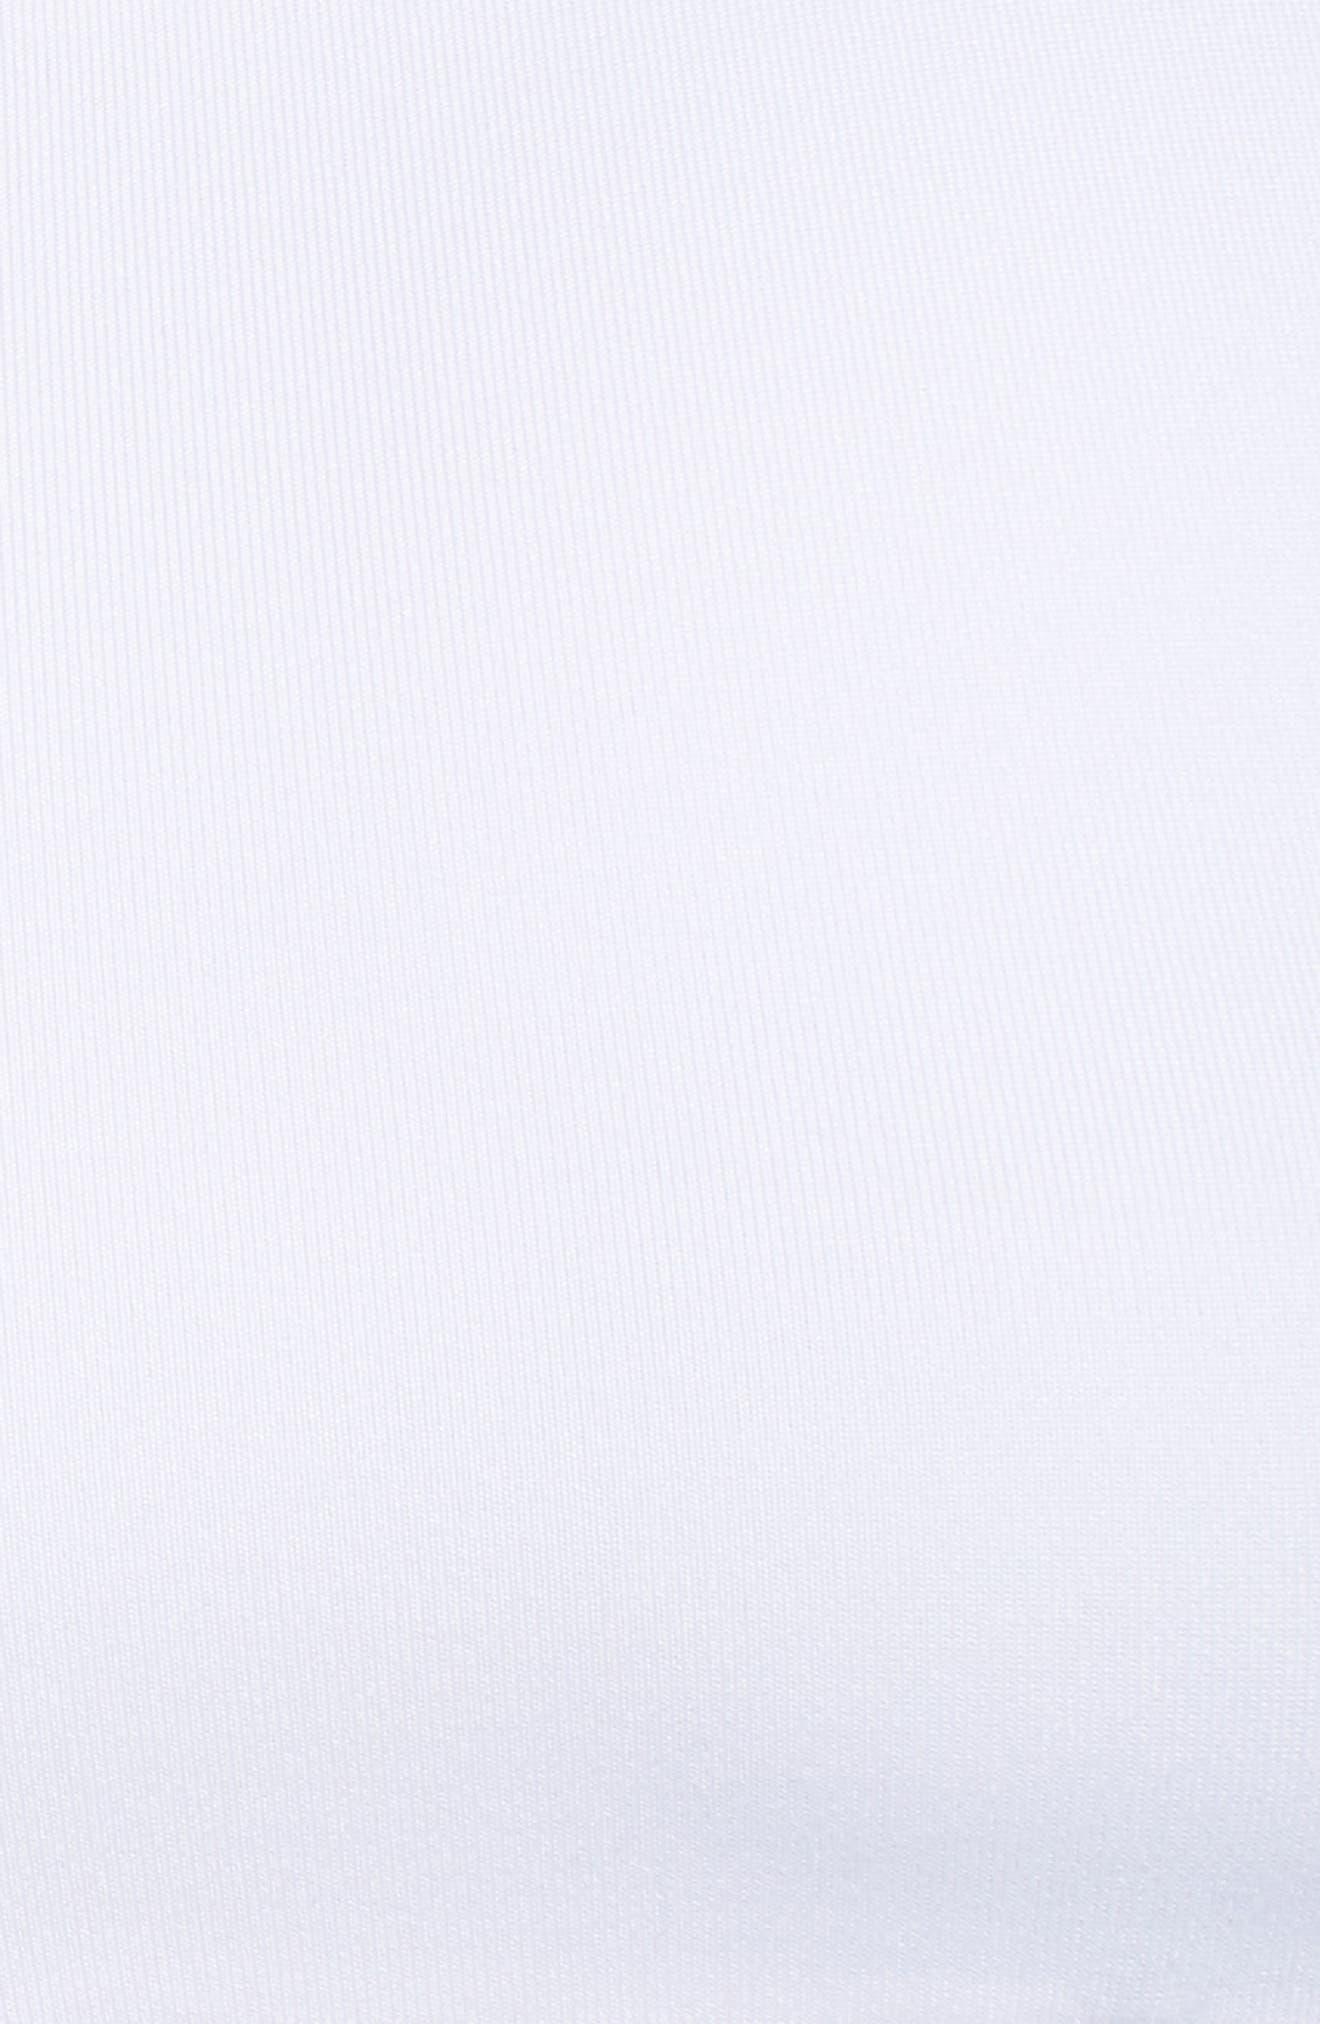 Swoosh Pocket Sports Bra,                             Alternate thumbnail 6, color,                             White/ Black/ Black